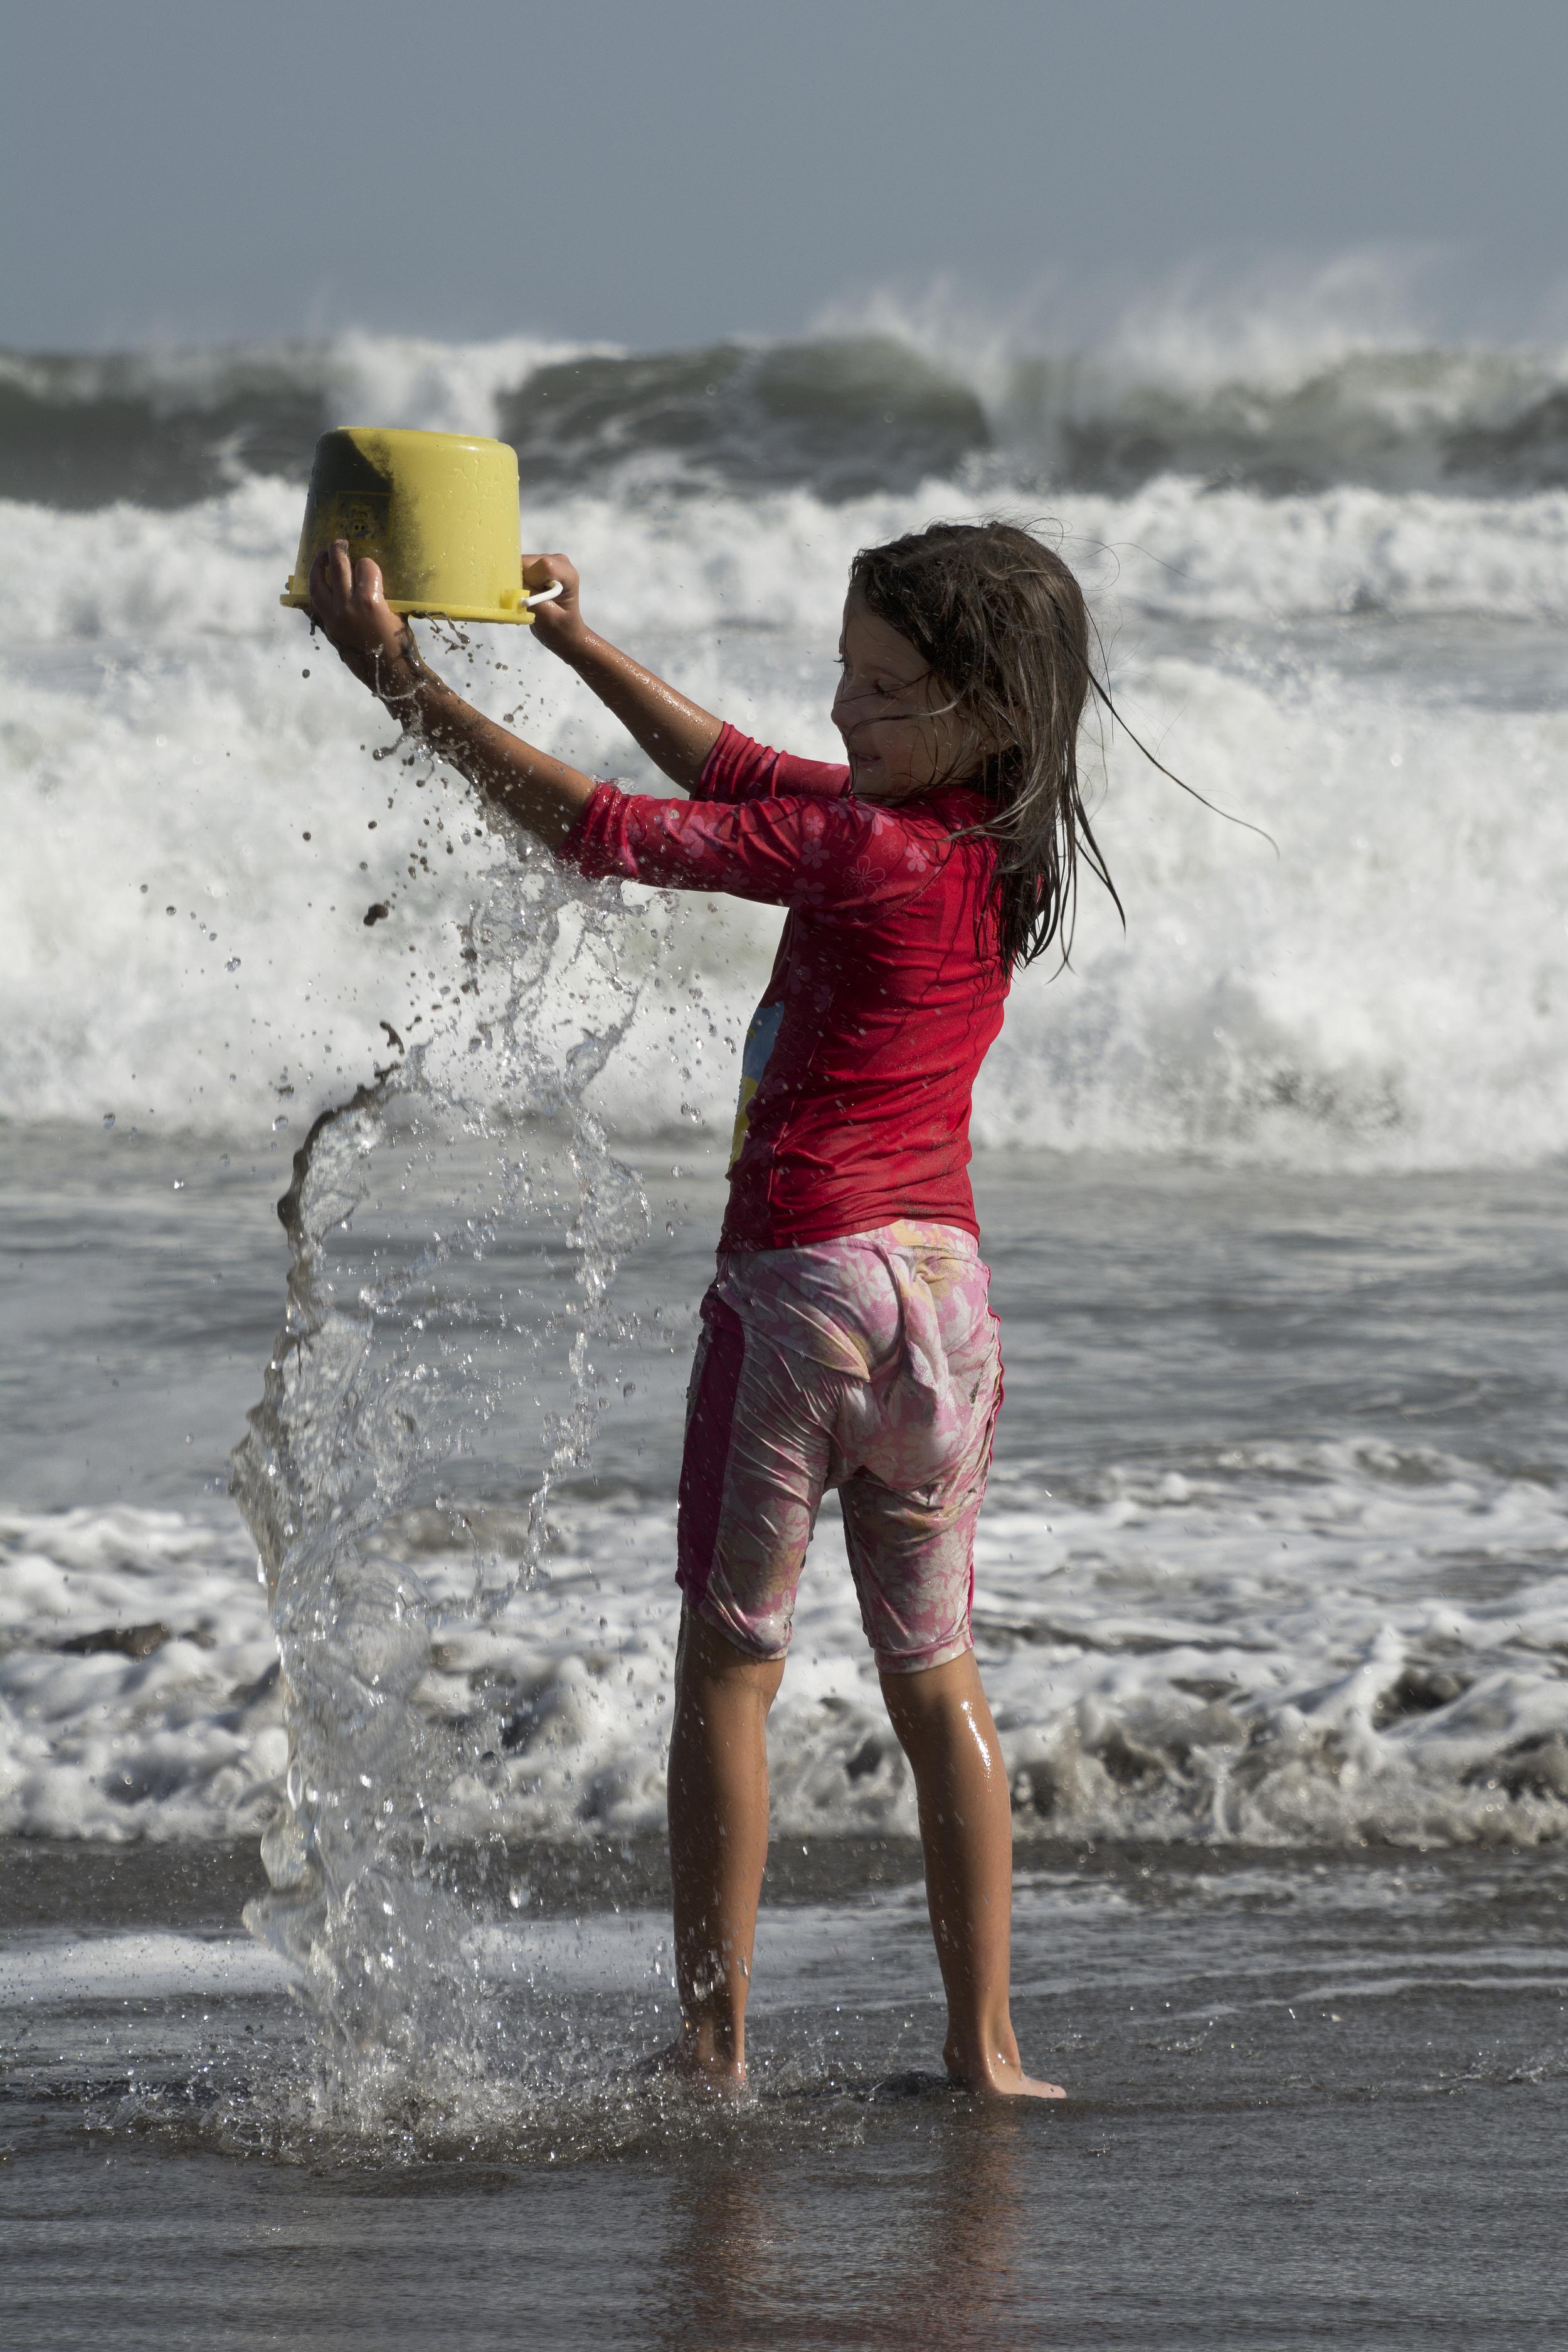 Bucket, water, and Grace. (Joya del Pacifico, El Salvador; Jul 2015)